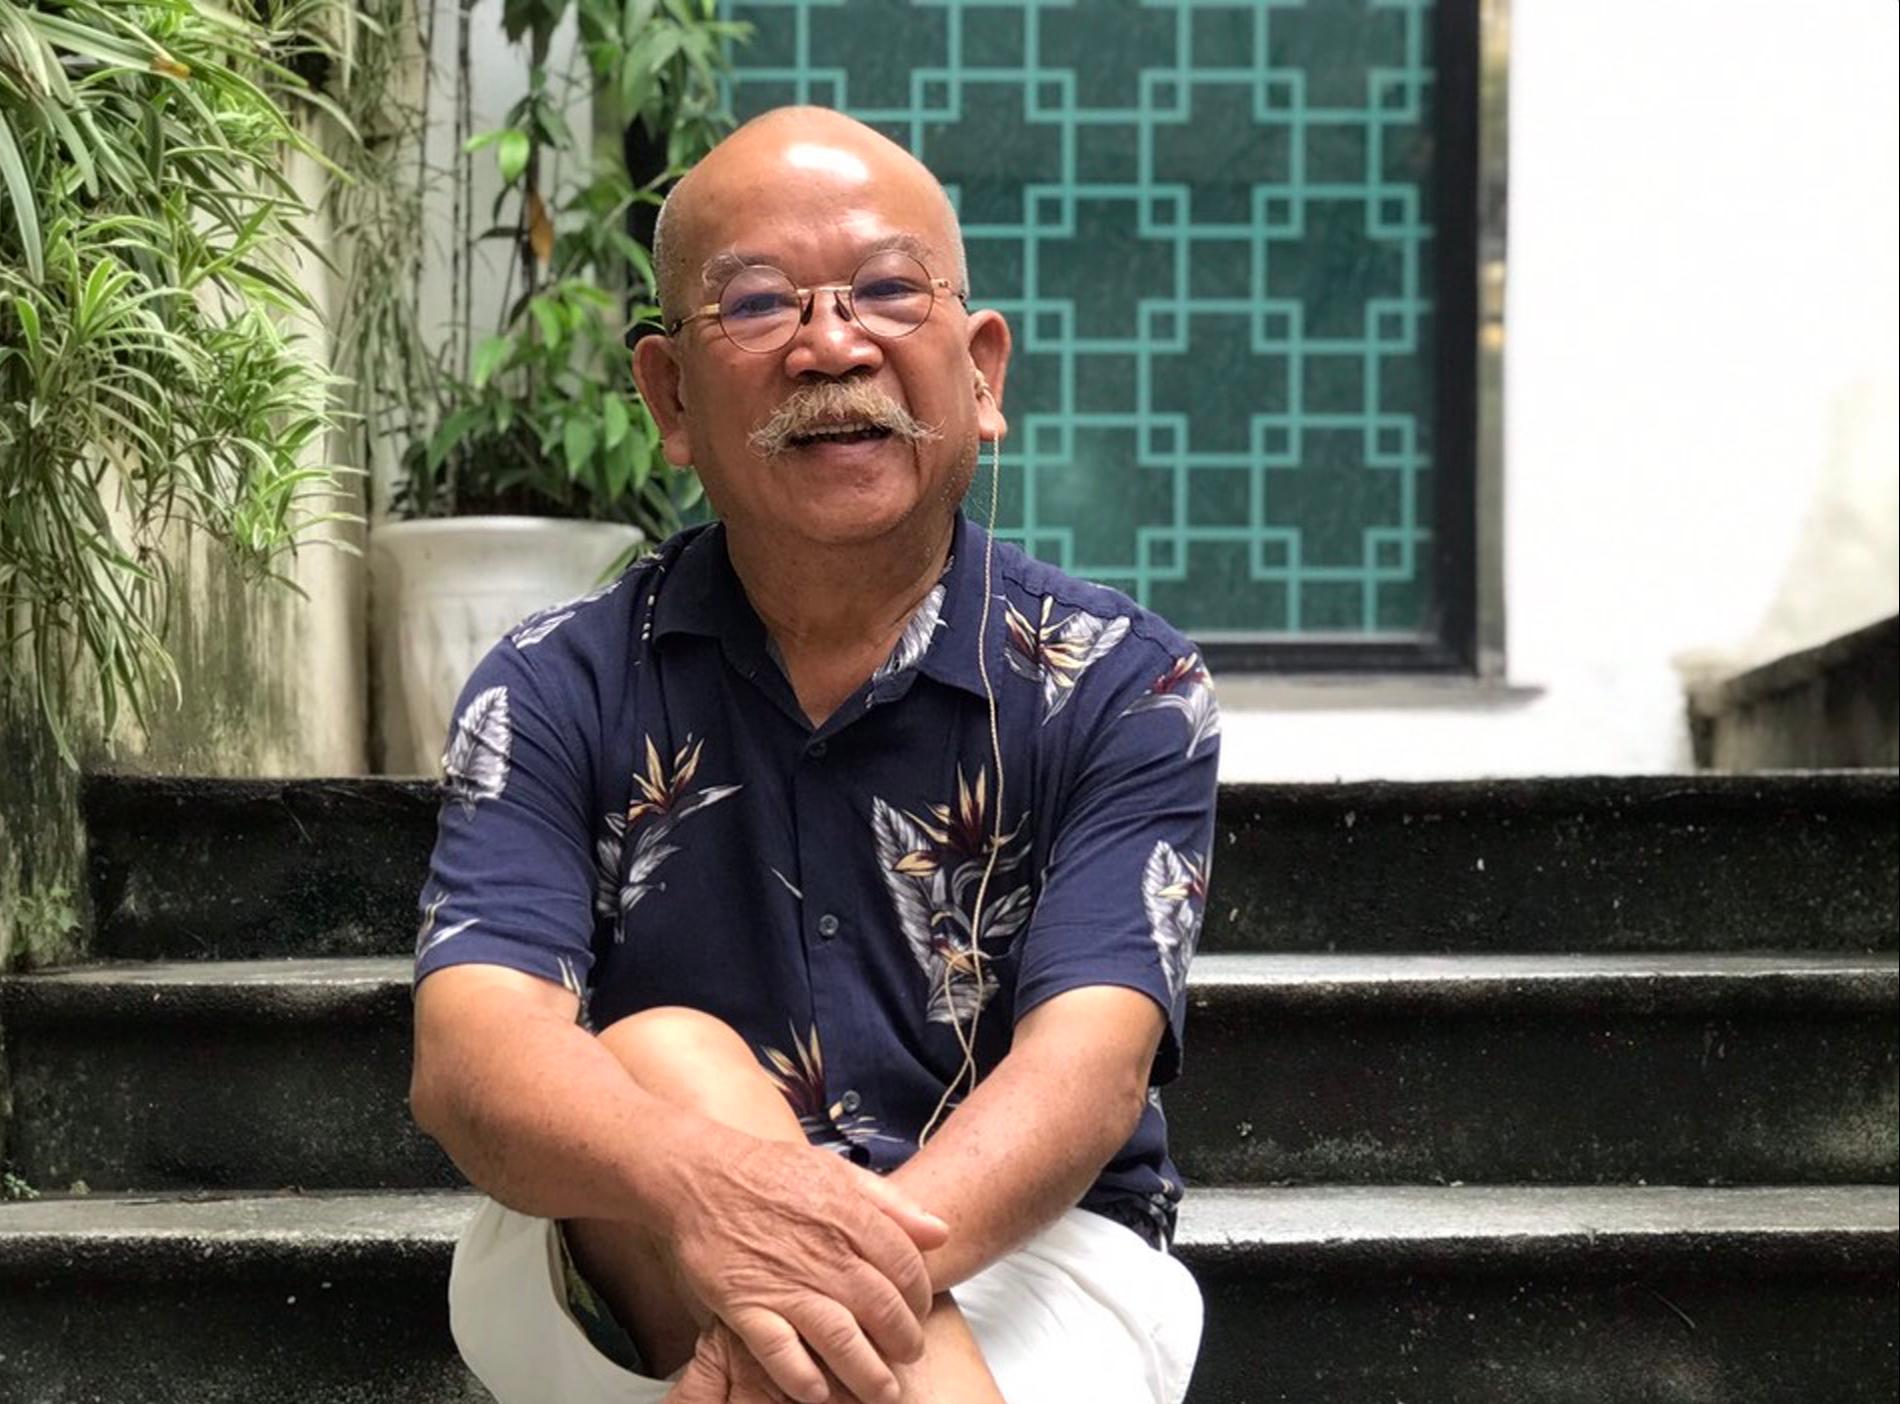 Ông chủ Phở Thìn, Hà Nội: Muốn phở Thìn chinh phục thế giới như McDonalds – Nhịp sống kinh tế Việt Nam & Thế giới